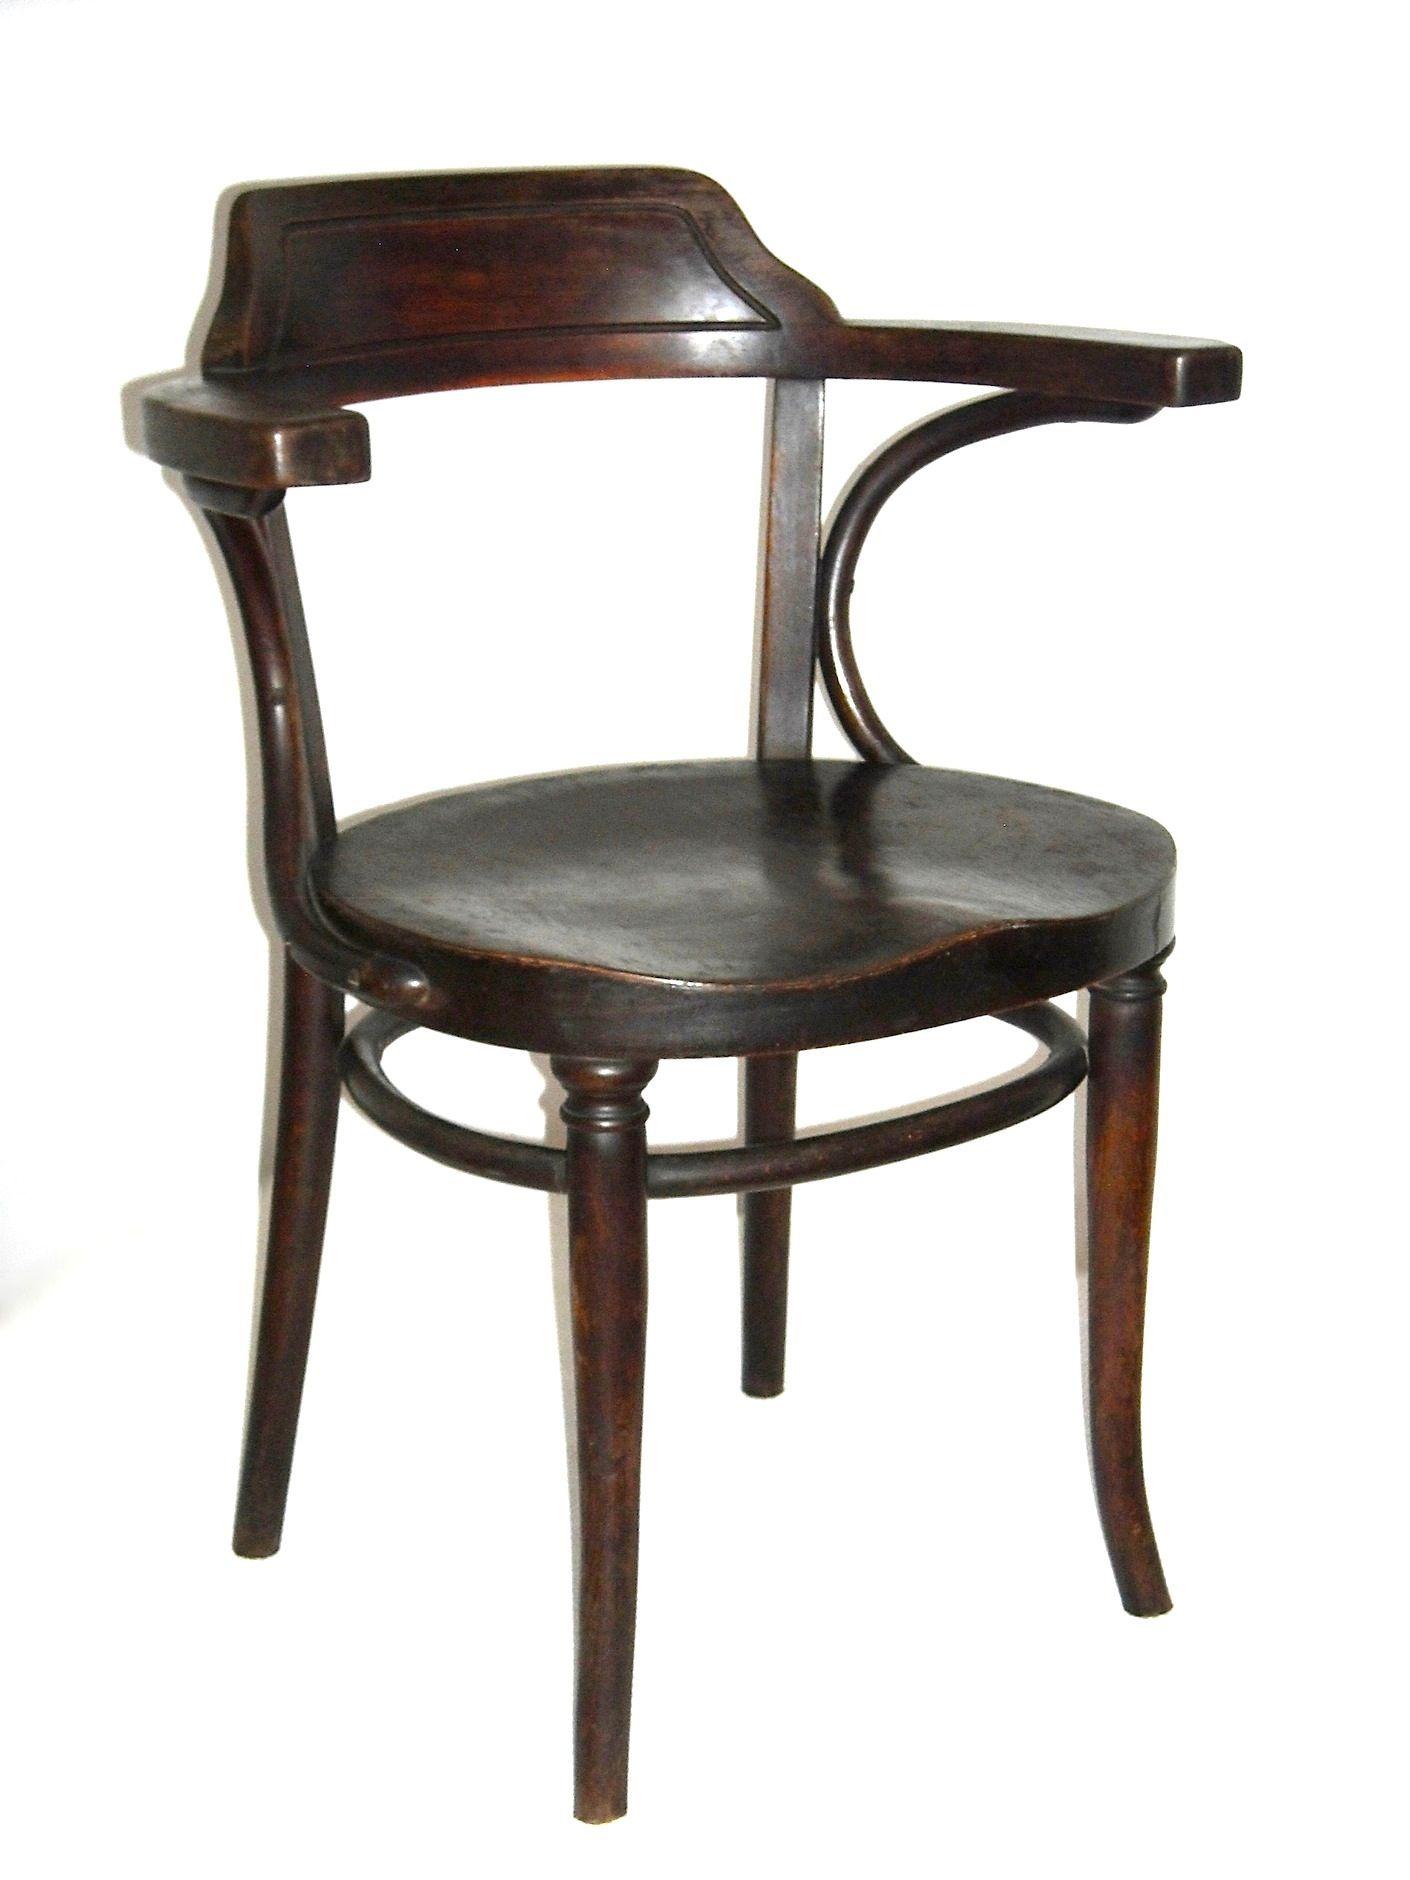 Sedia thonet n 233 entrata in produzione nel 1895 - Dimensioni sedia ...